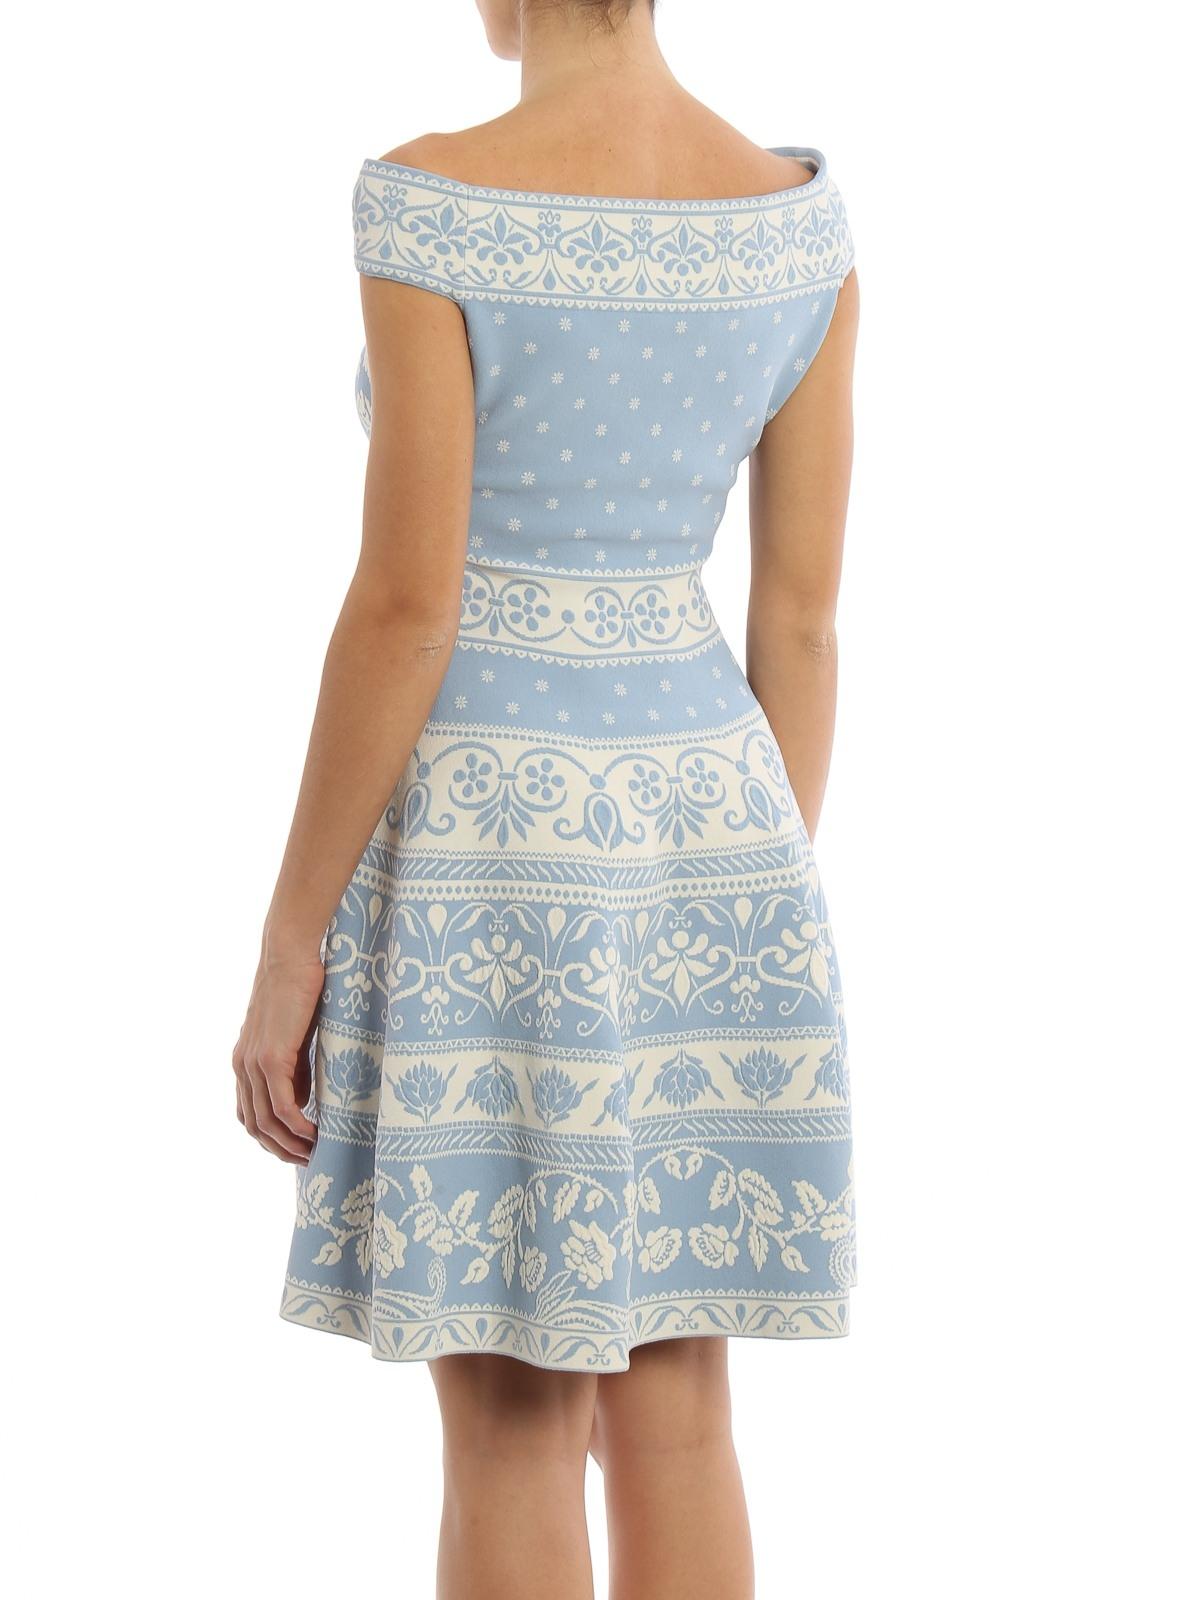 13 Einfach Kleid Hellblau Kurz SpezialgebietAbend Erstaunlich Kleid Hellblau Kurz Galerie